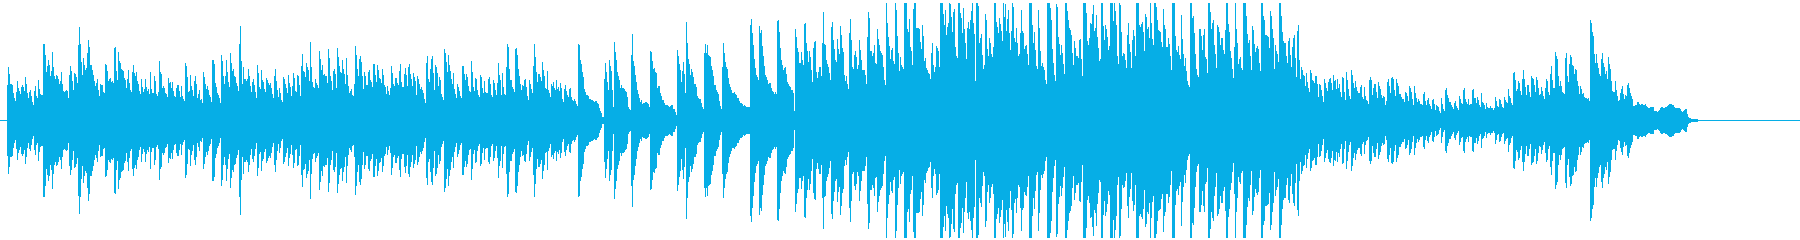 静かなピアノ曲の再生済みの波形